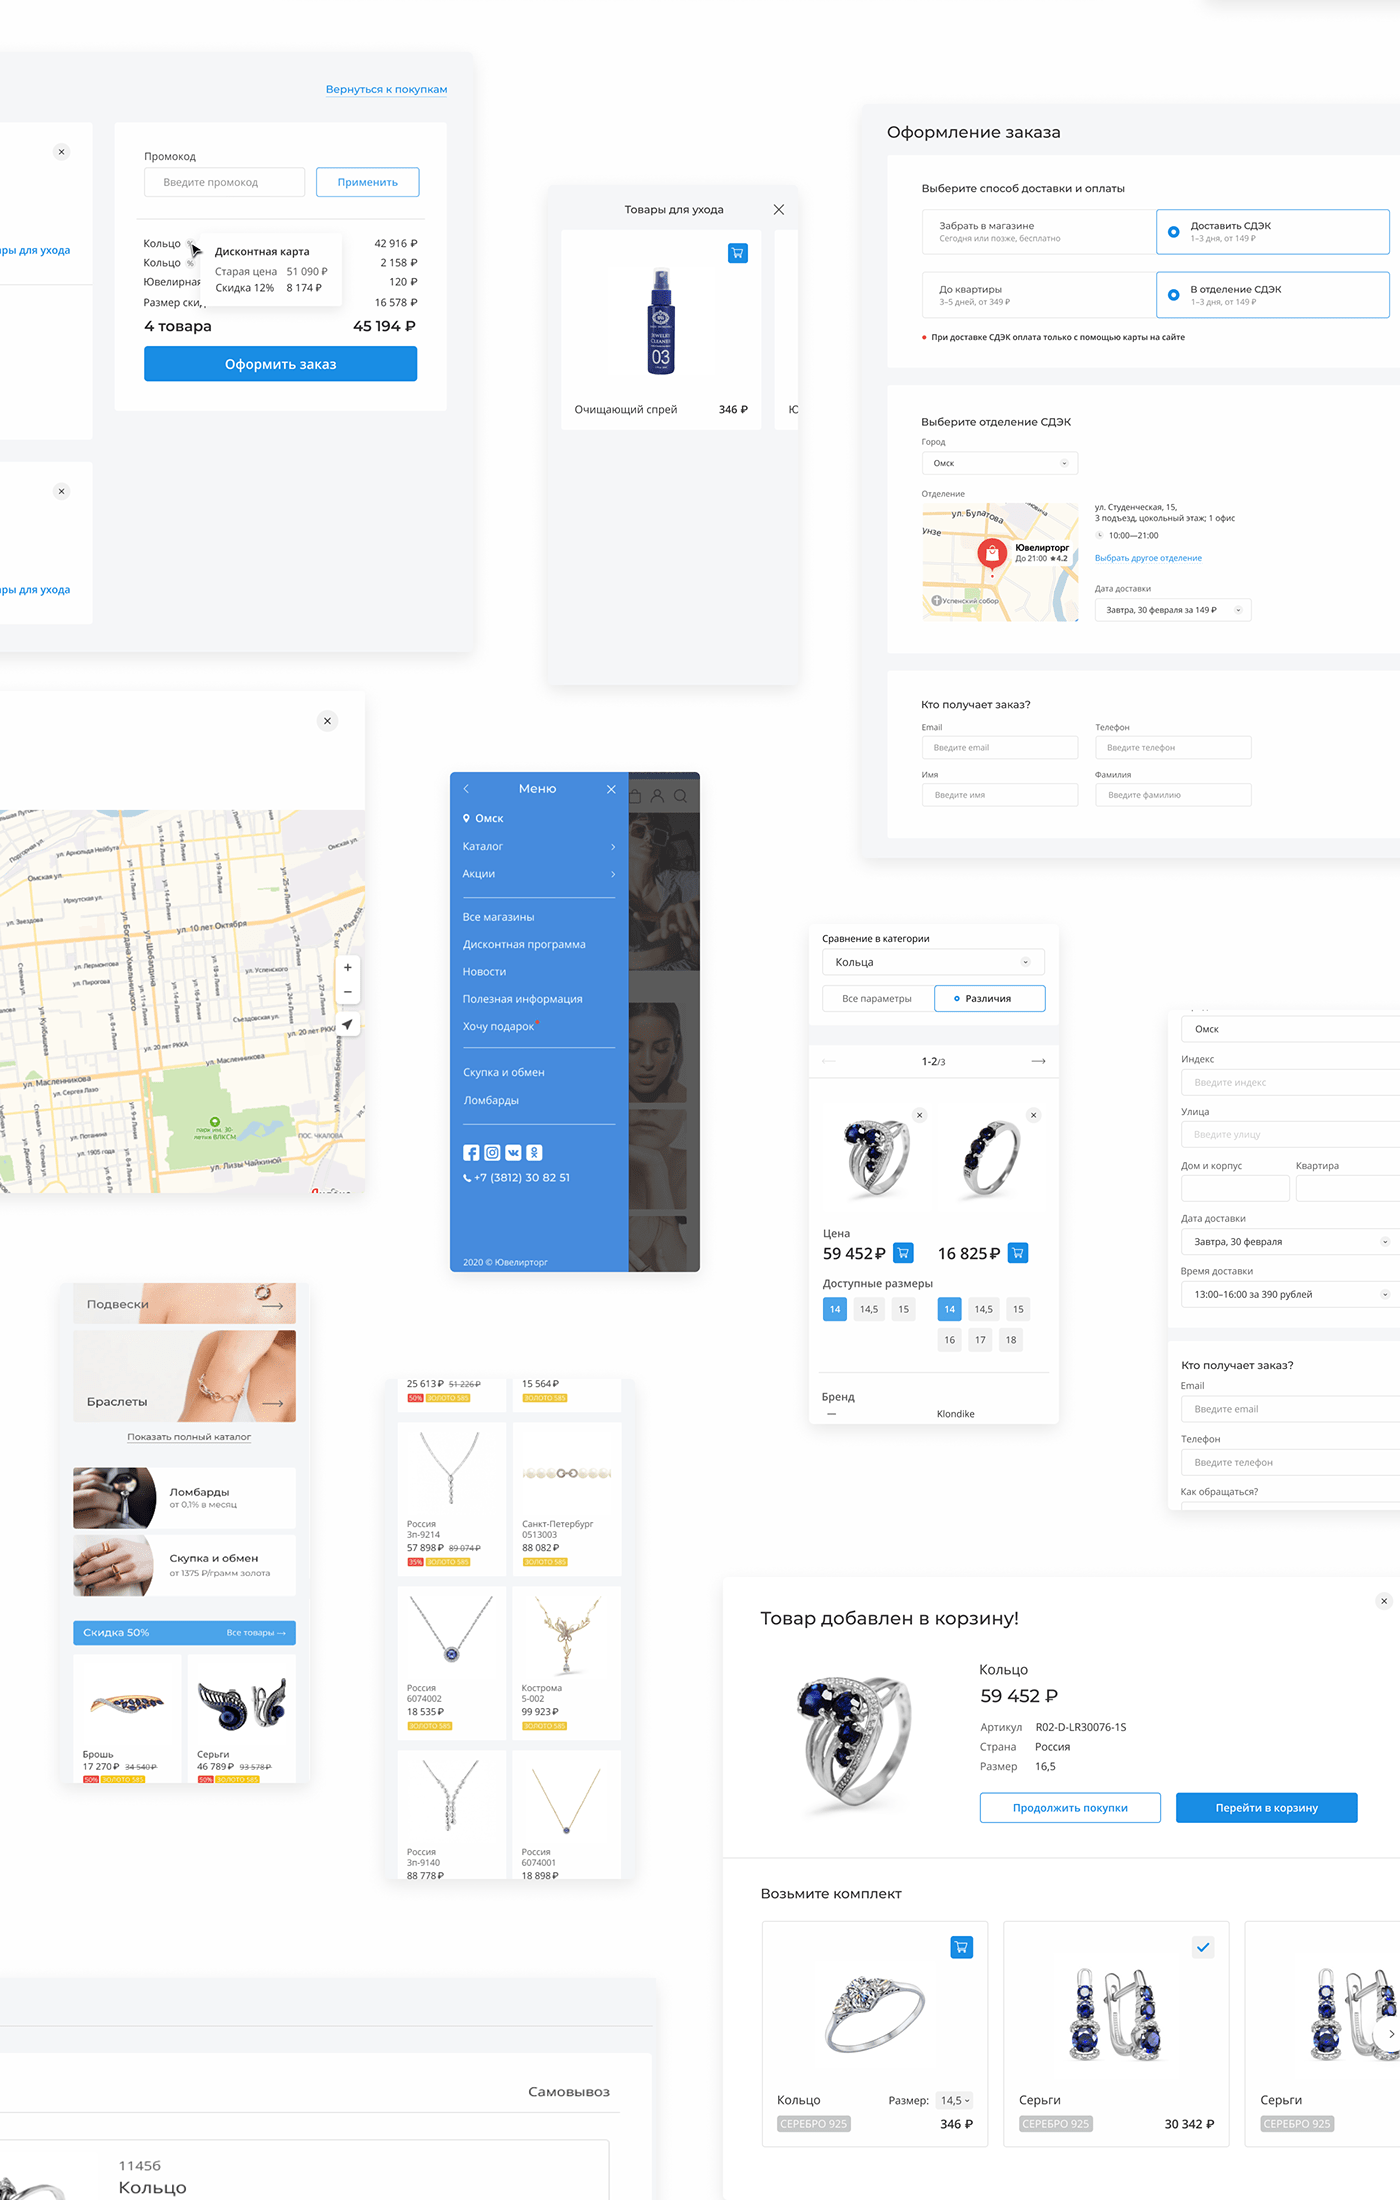 Image may contain: abstract, map and screenshot